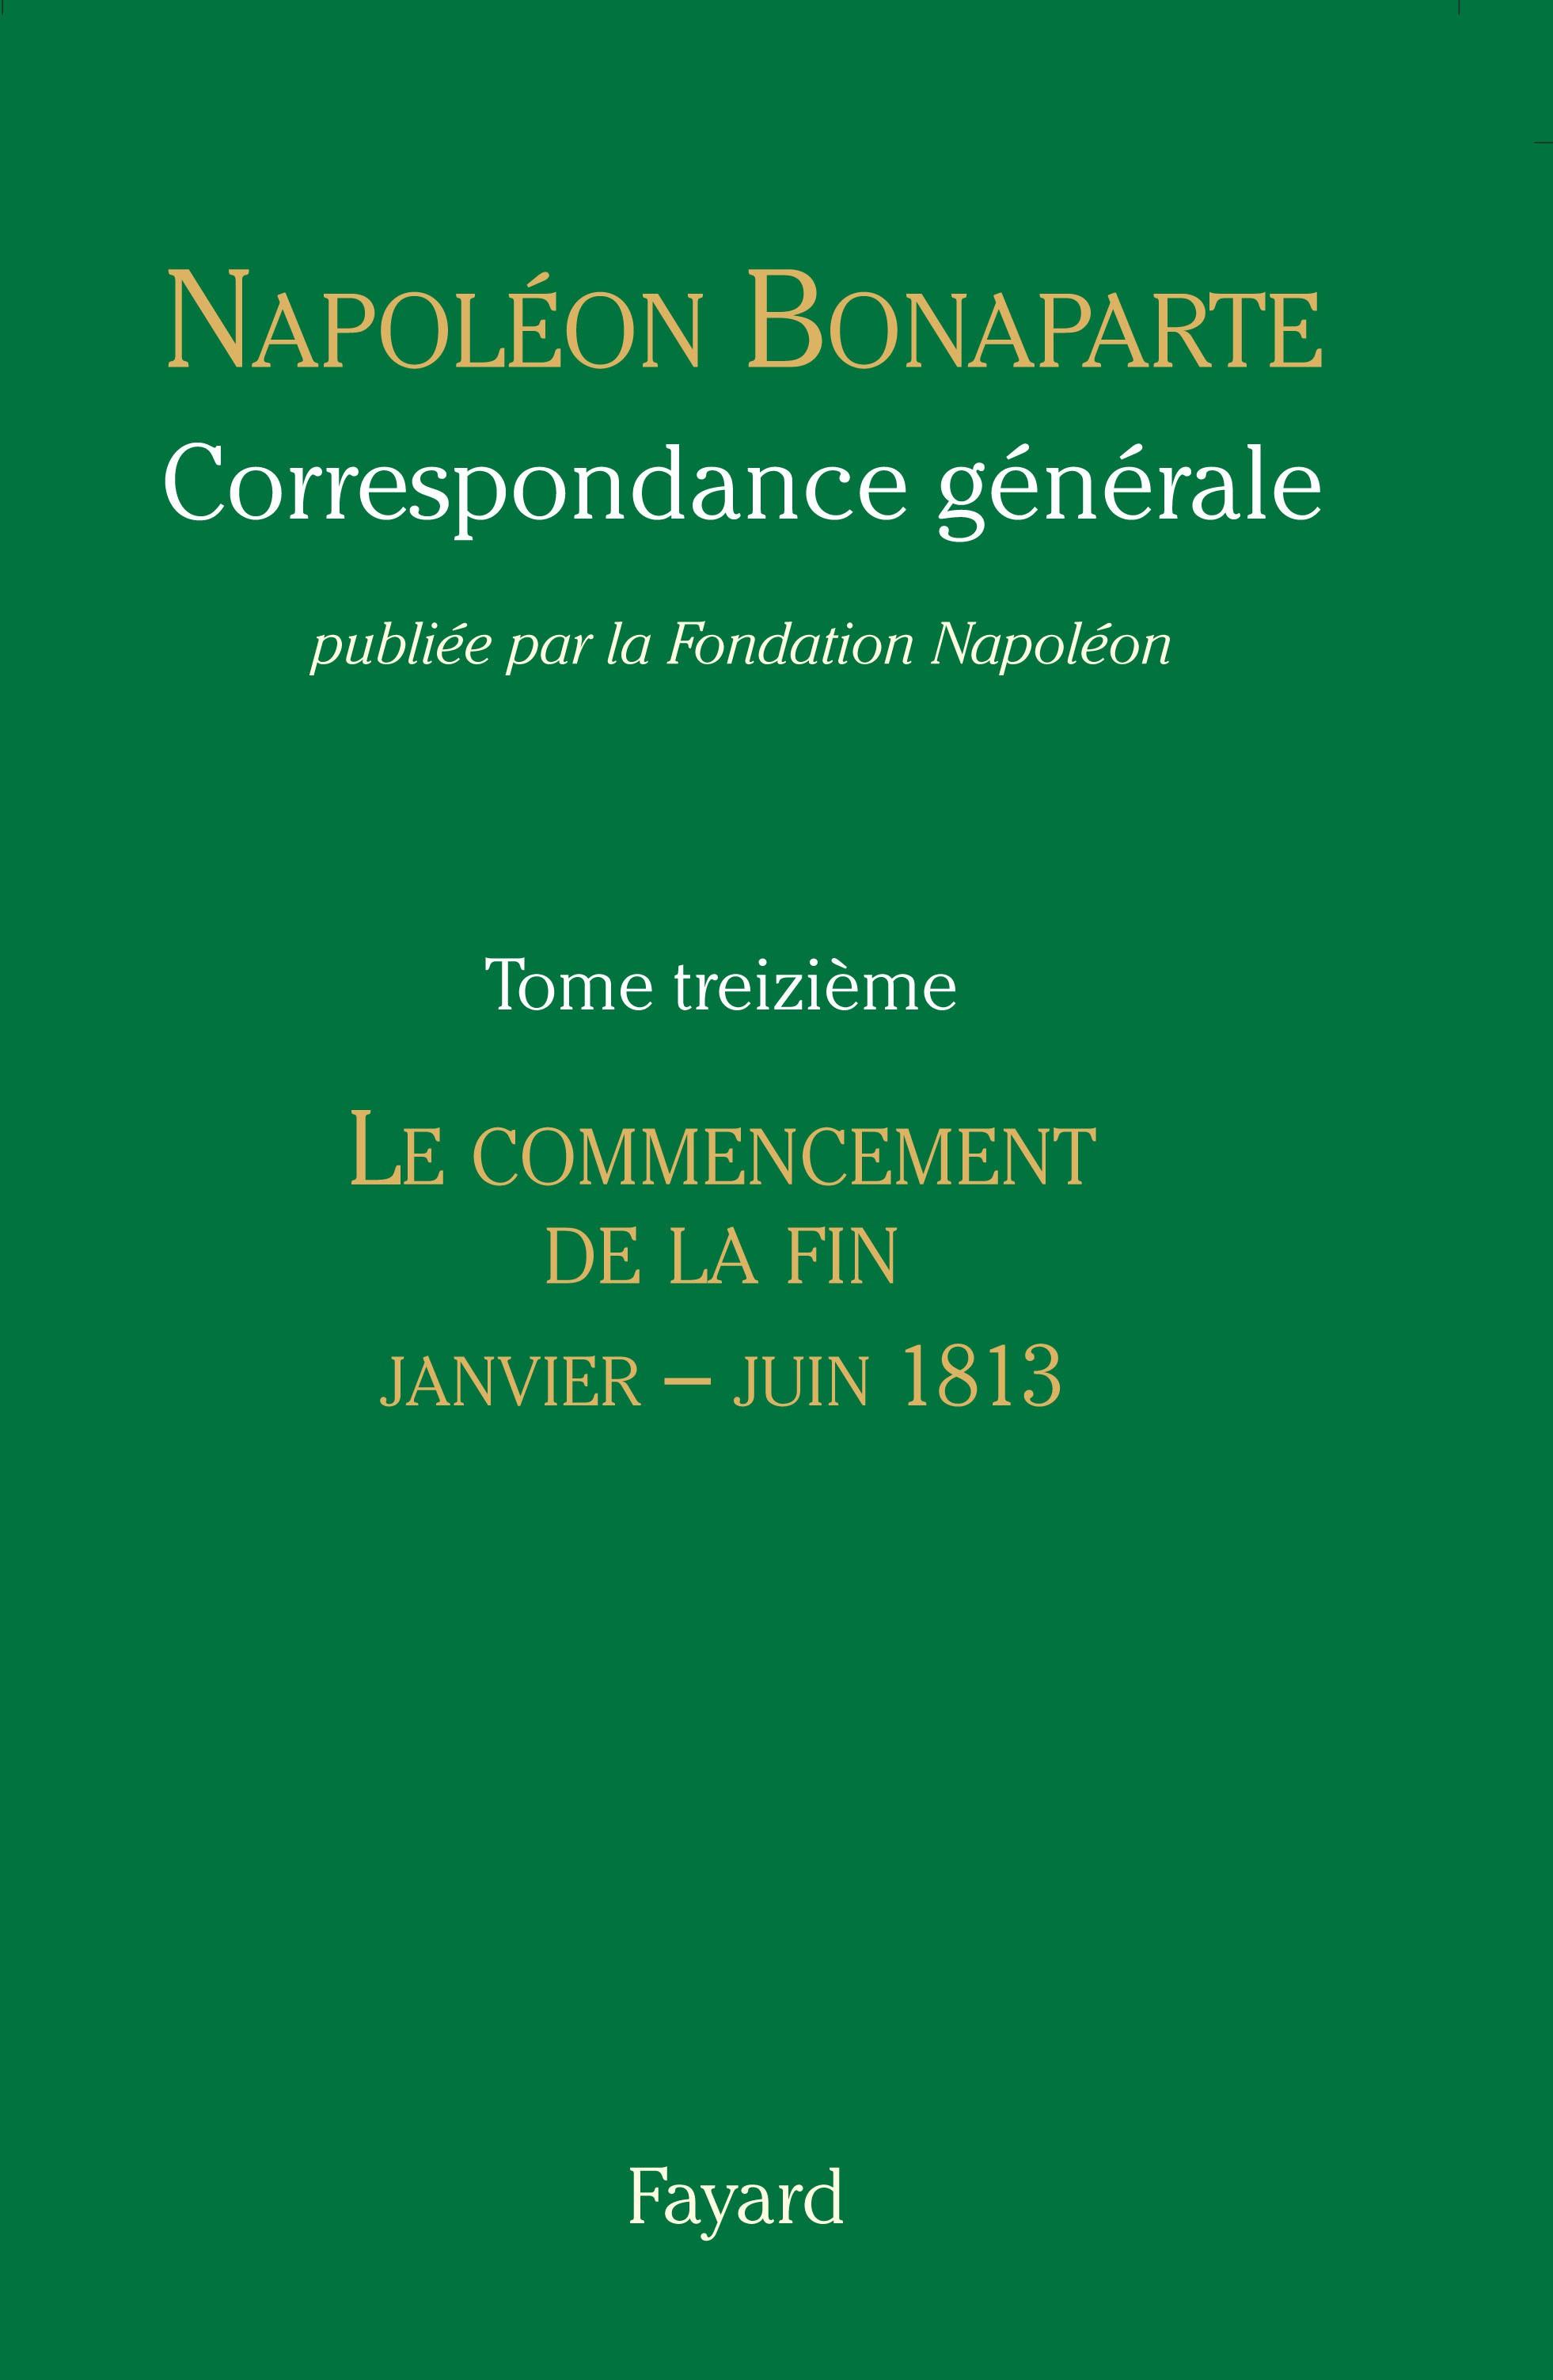 Correspondance de Napoléon, Tome XIII - janvier-juin 1813 © Fayard / Fondation Napoléon